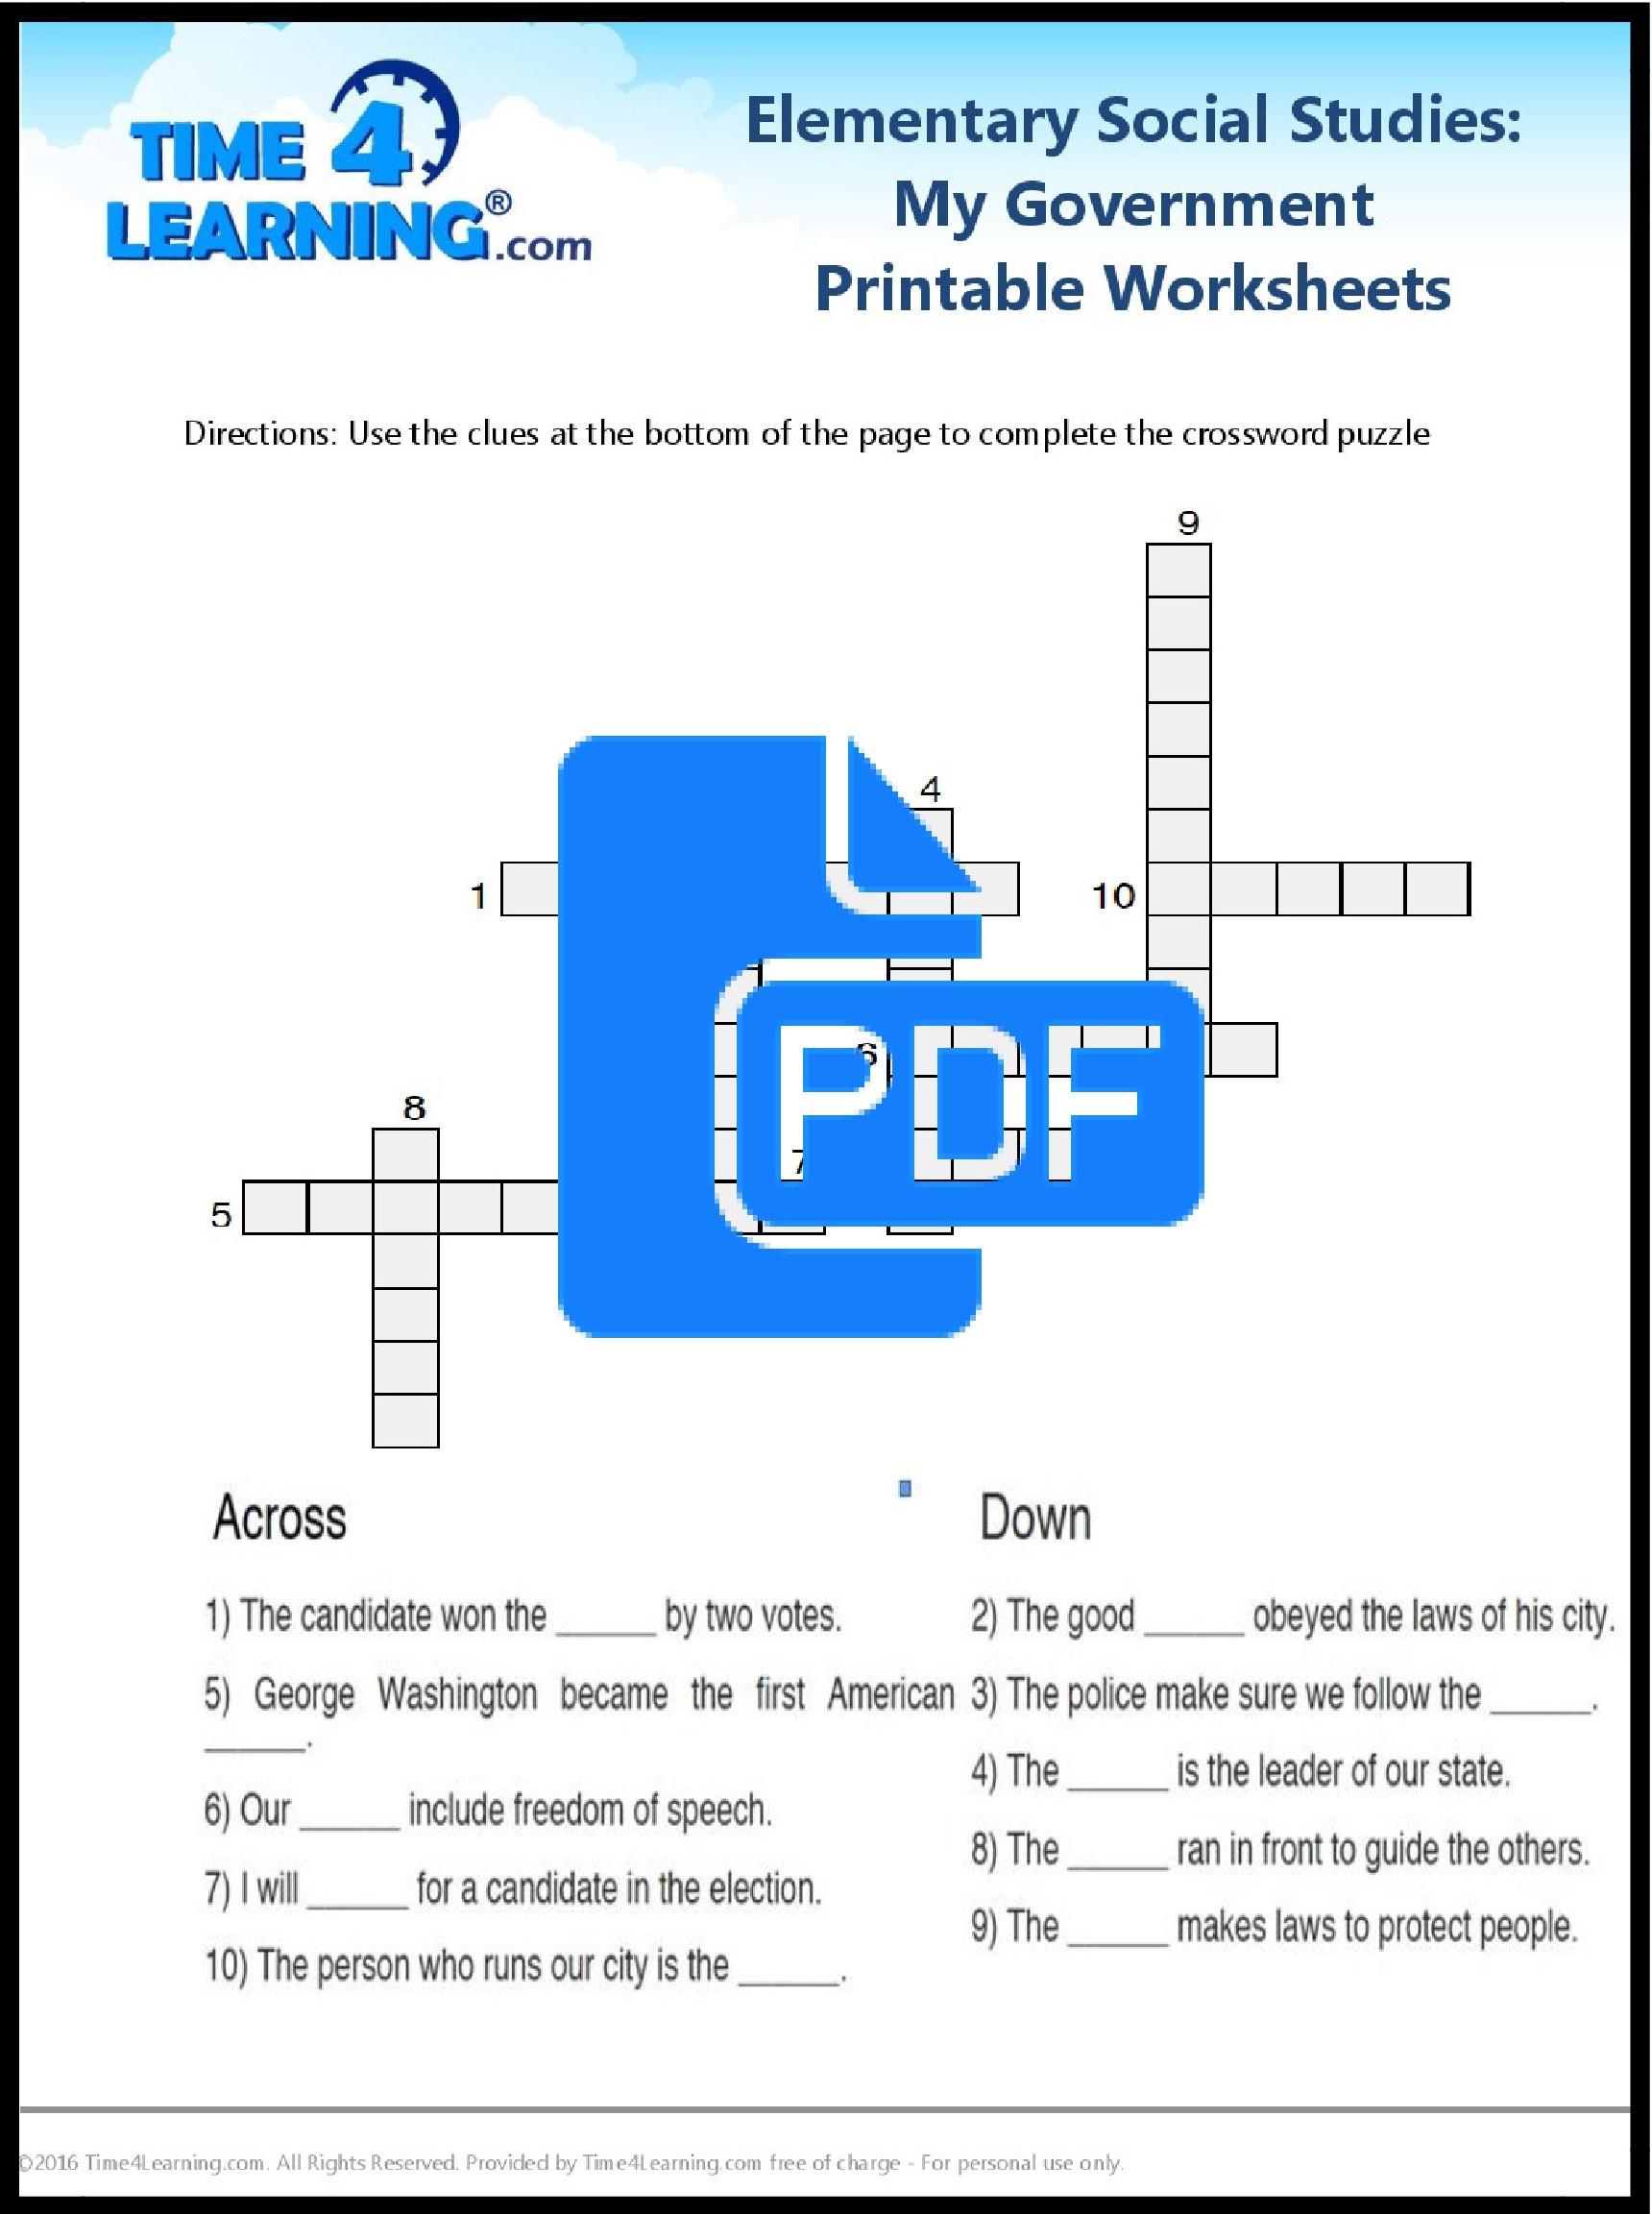 Free Printable: Elementary Social Studies Worksheet   Time4Learning   Elementary Social Studies Worksheets Printable